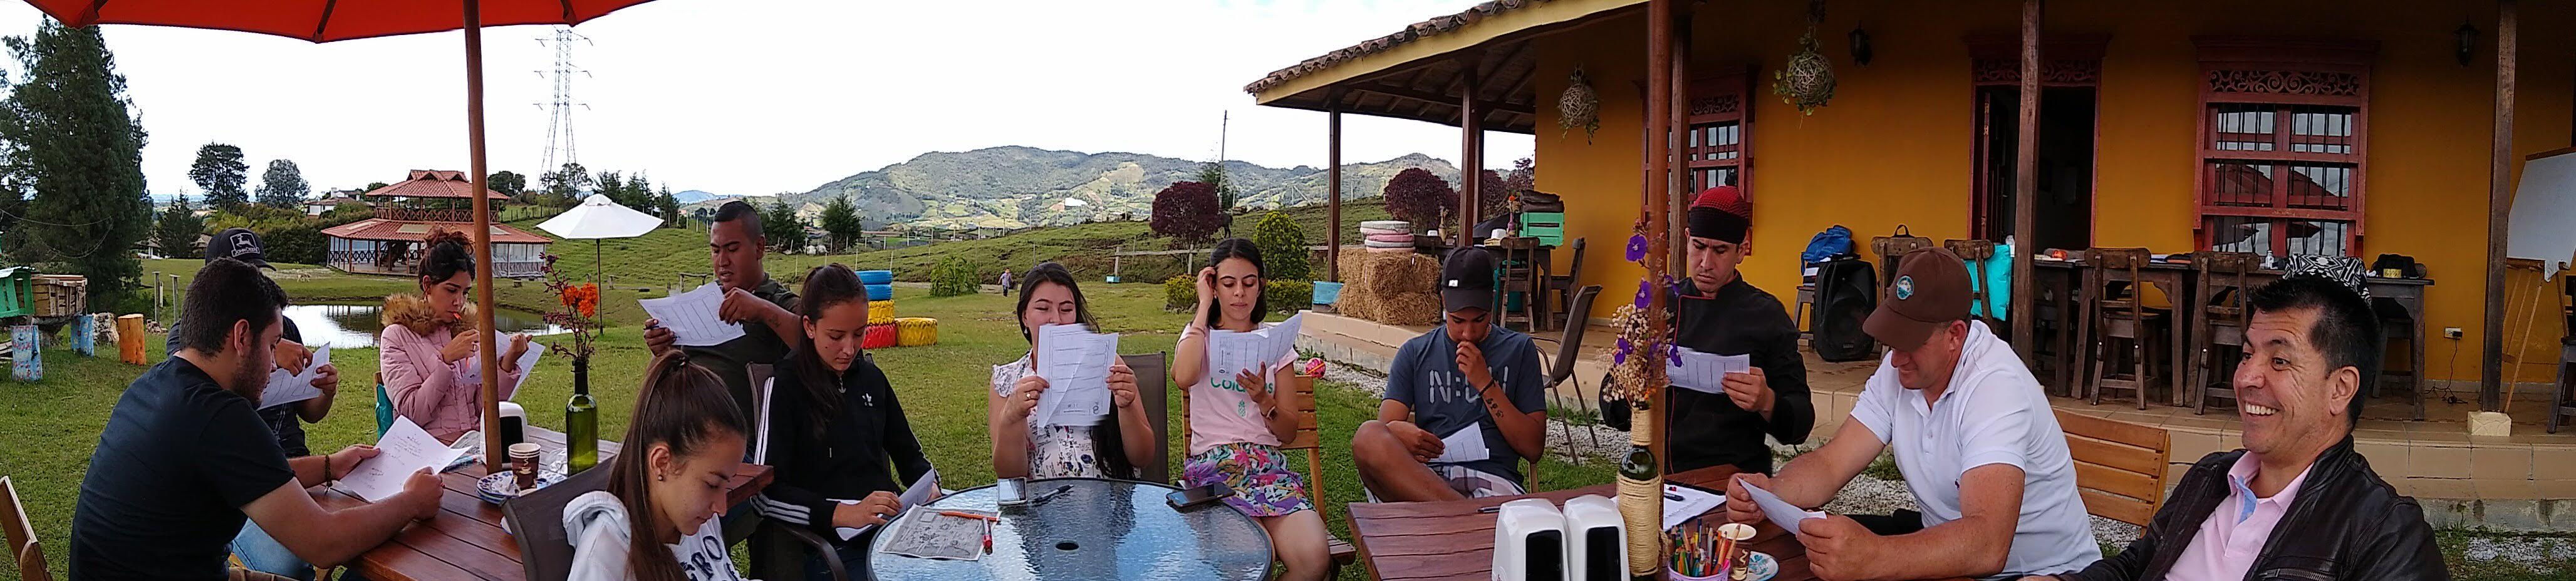 Familia Empresarial Entrena al Aire Libre: Construyendo acuerdos